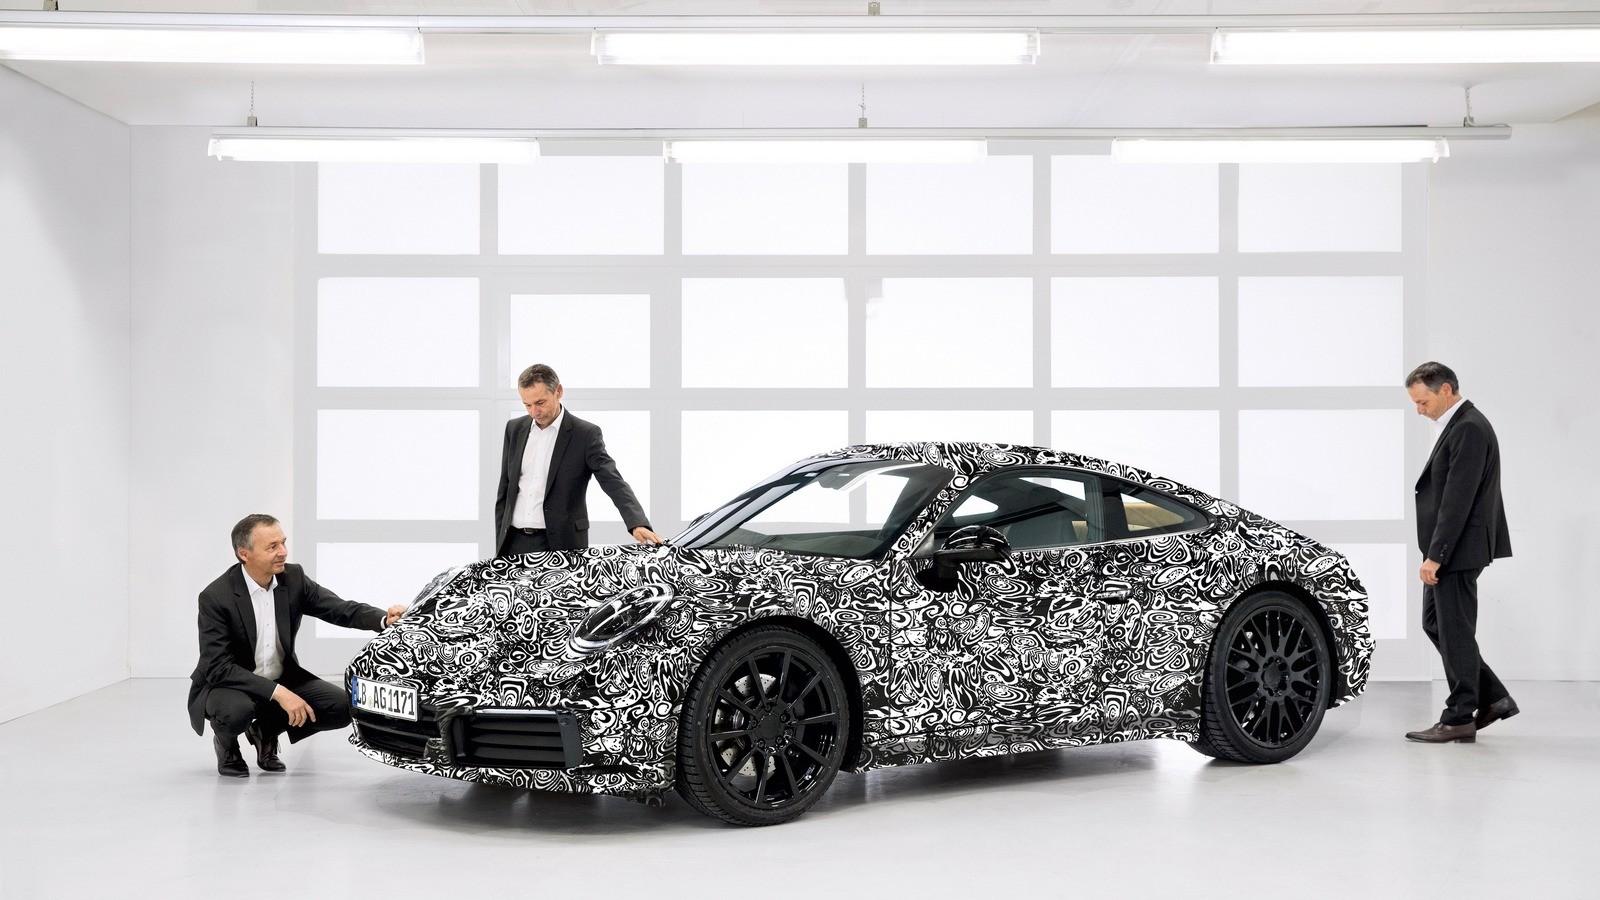 Порше недопоказал спорткупе 911 обновленного поколения — Интрига нераскрыта